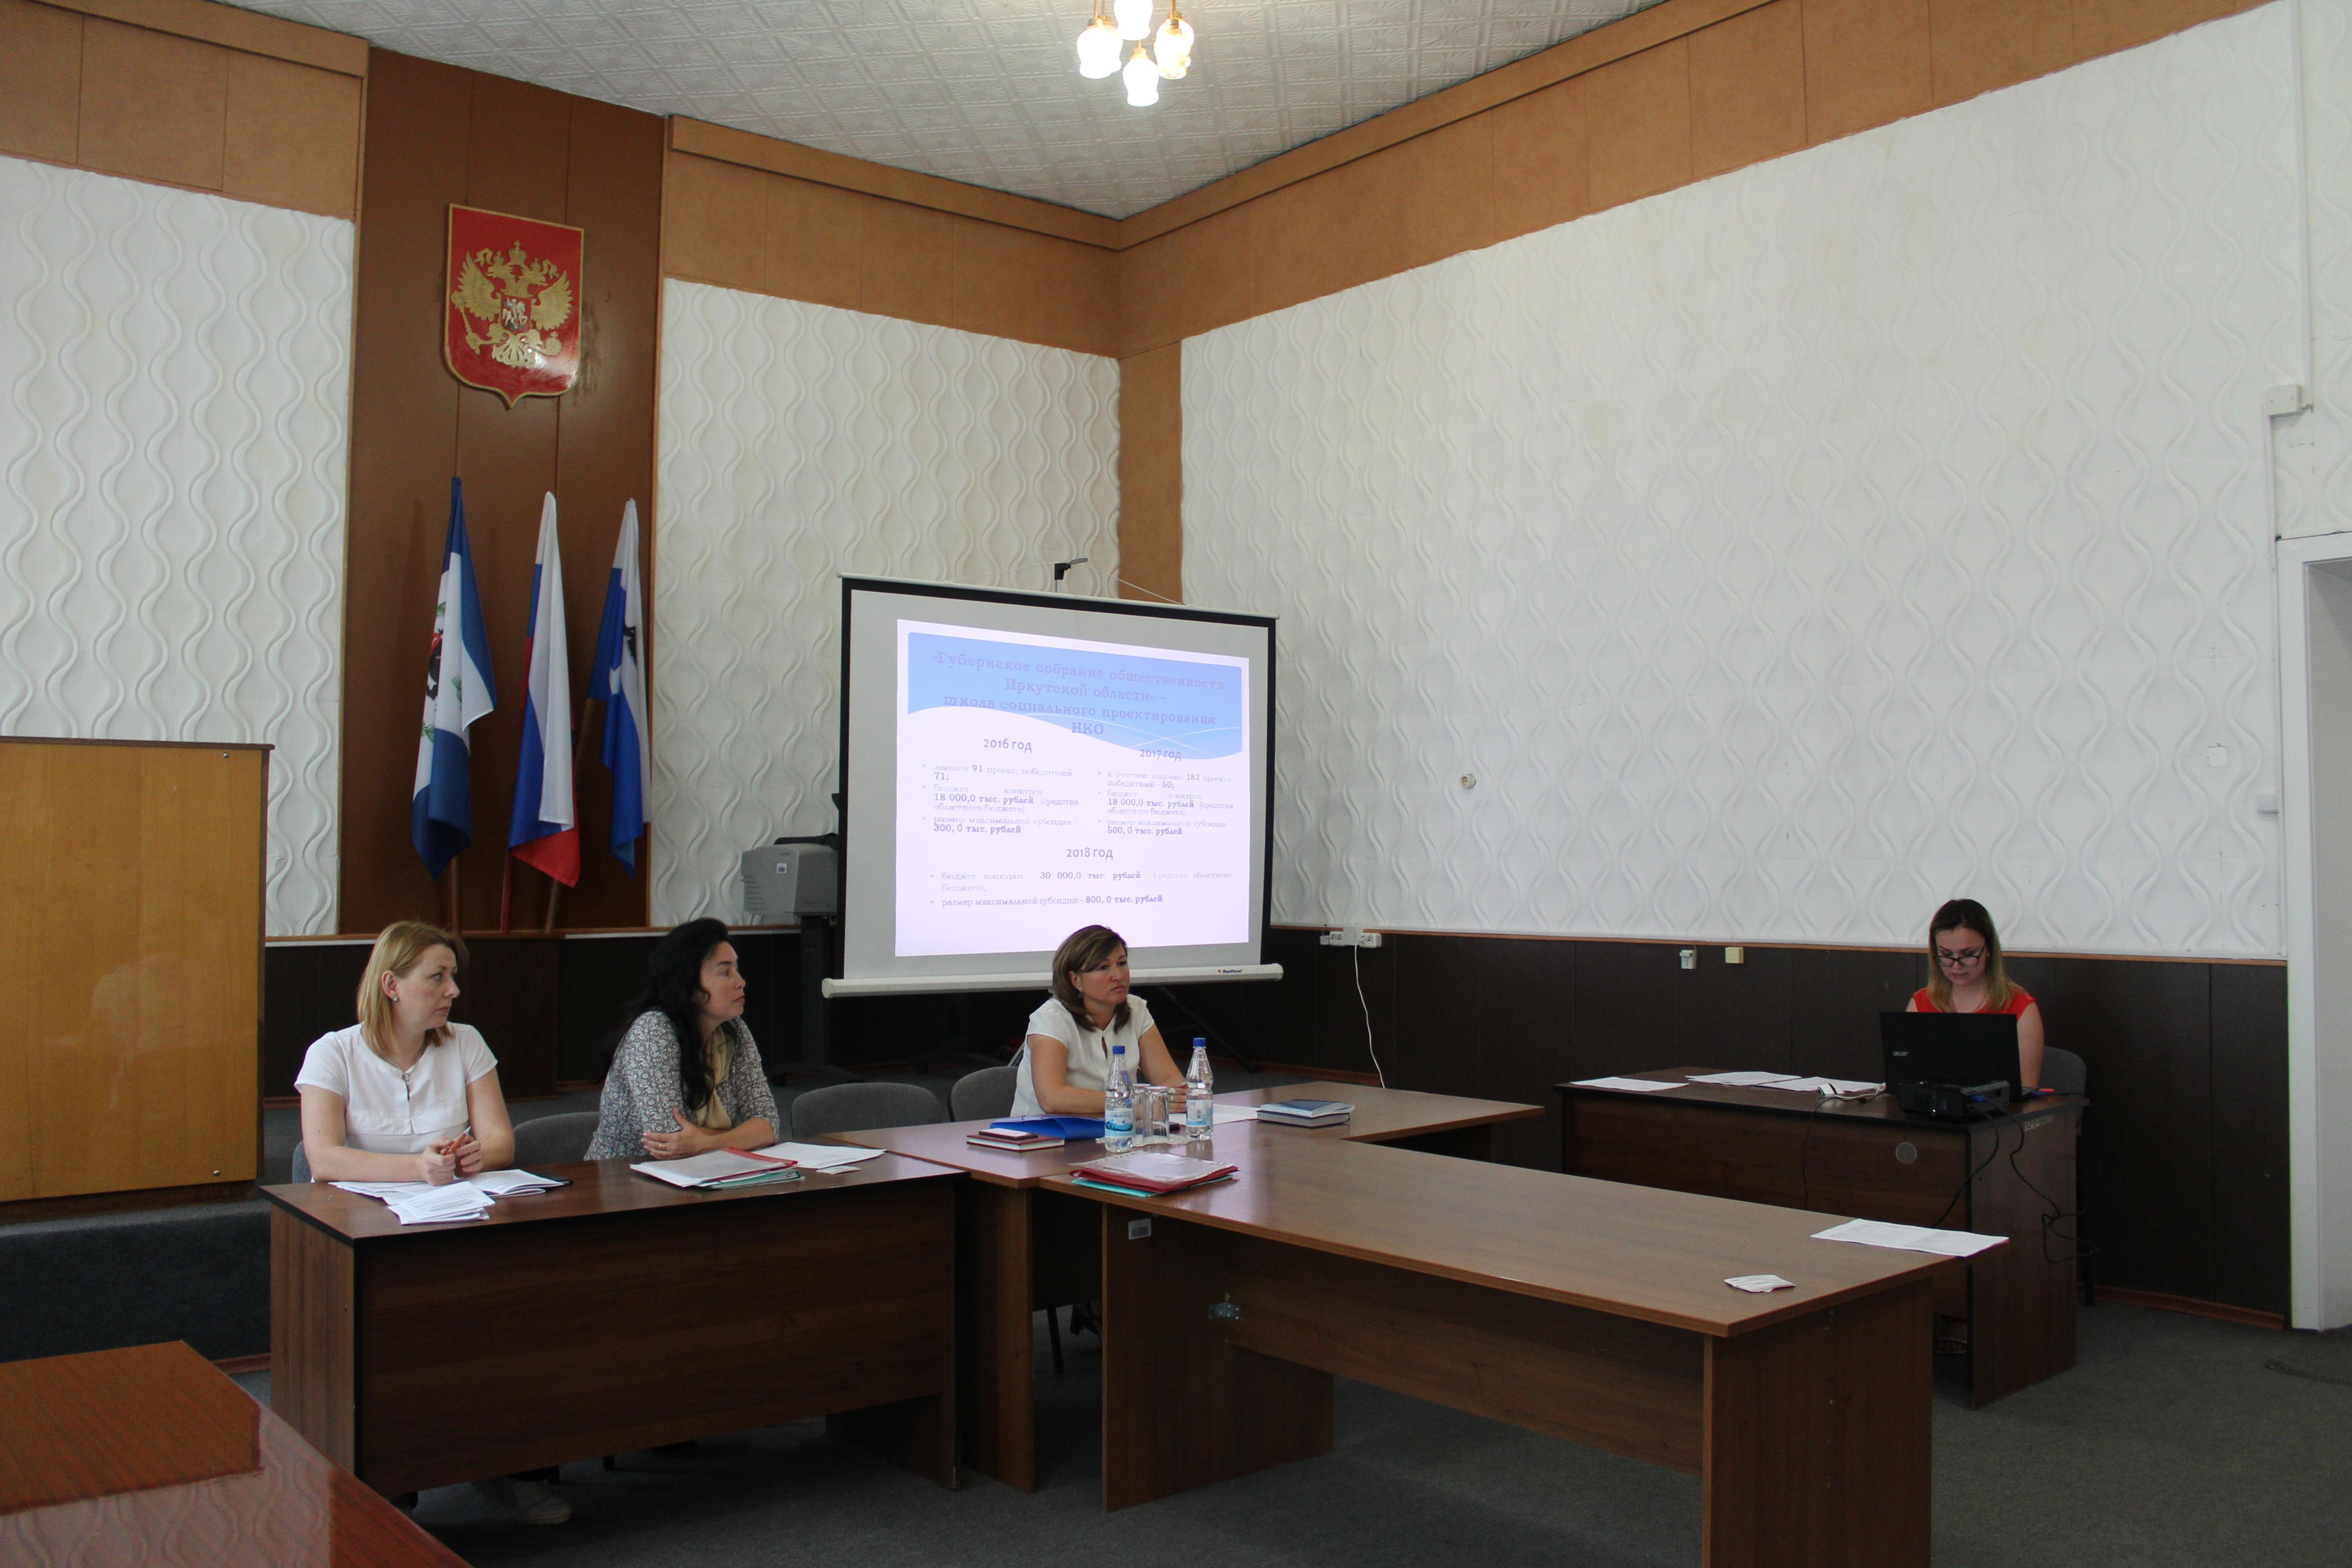 Обучающий семинар для некоммерческих организаций и представителей общин коренных малочисленных народов прошел в Качугском районе